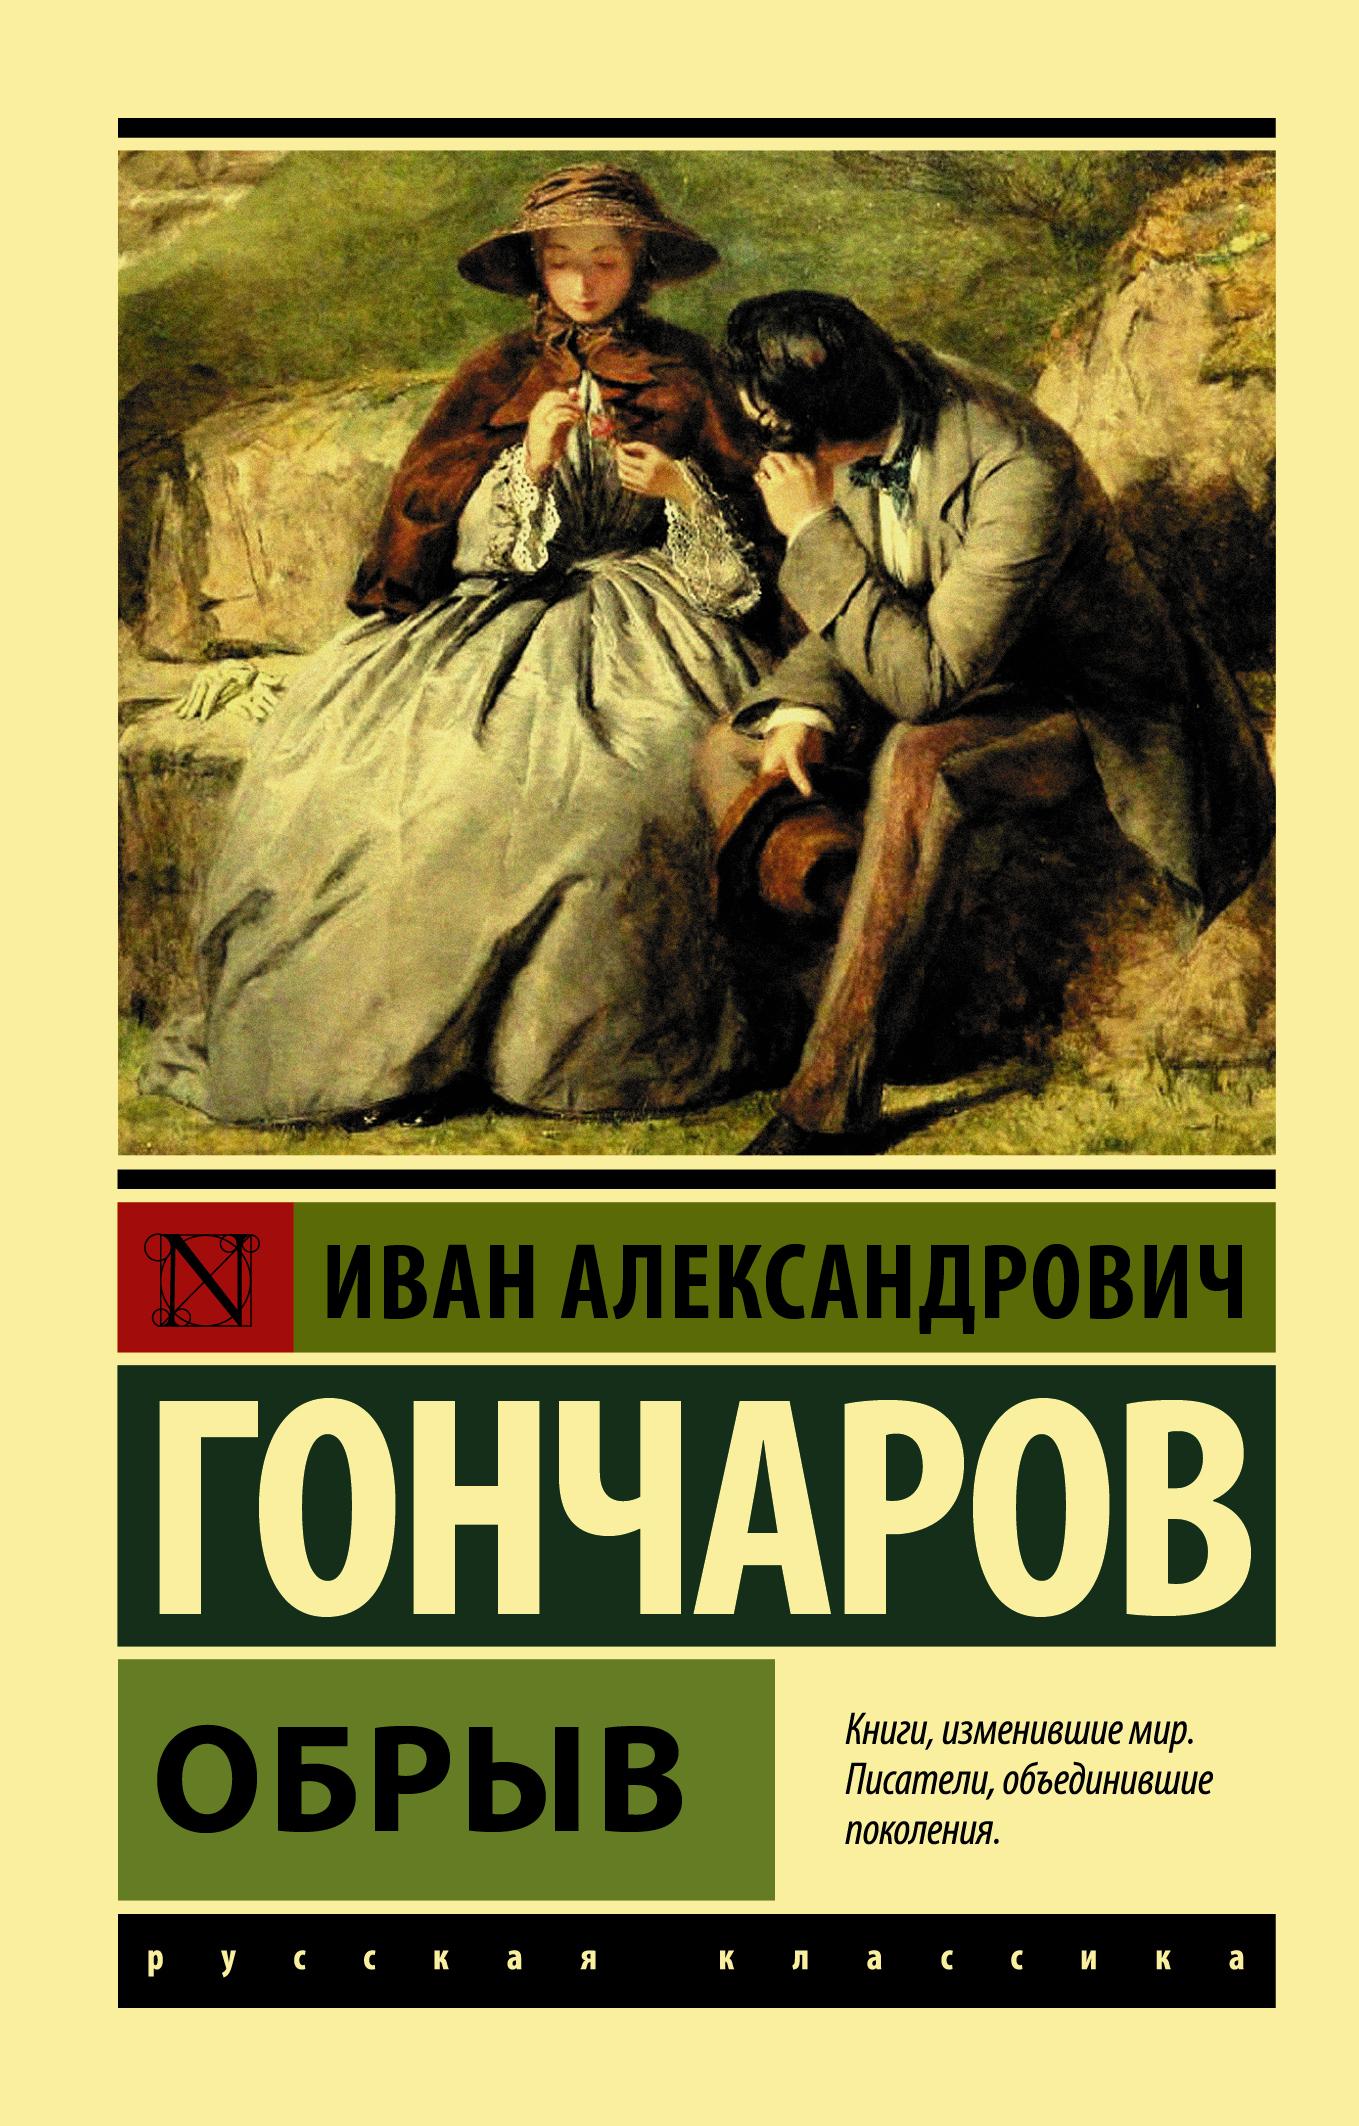 Иван Александрович Гончаров Обрыв